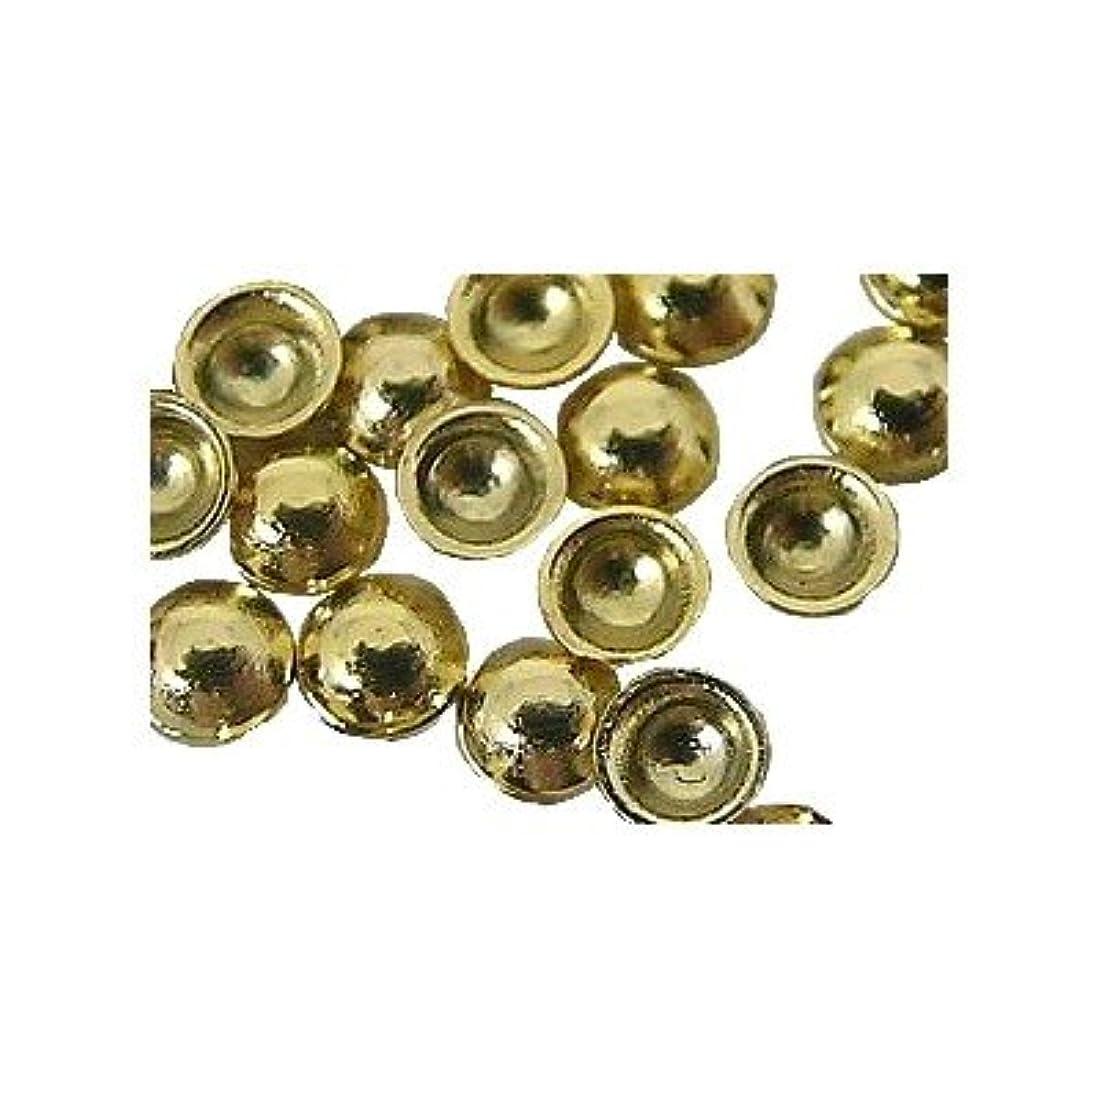 スポンサー植物学ブレークピアドラ スタッズ 2.0mm 100P ゴールド